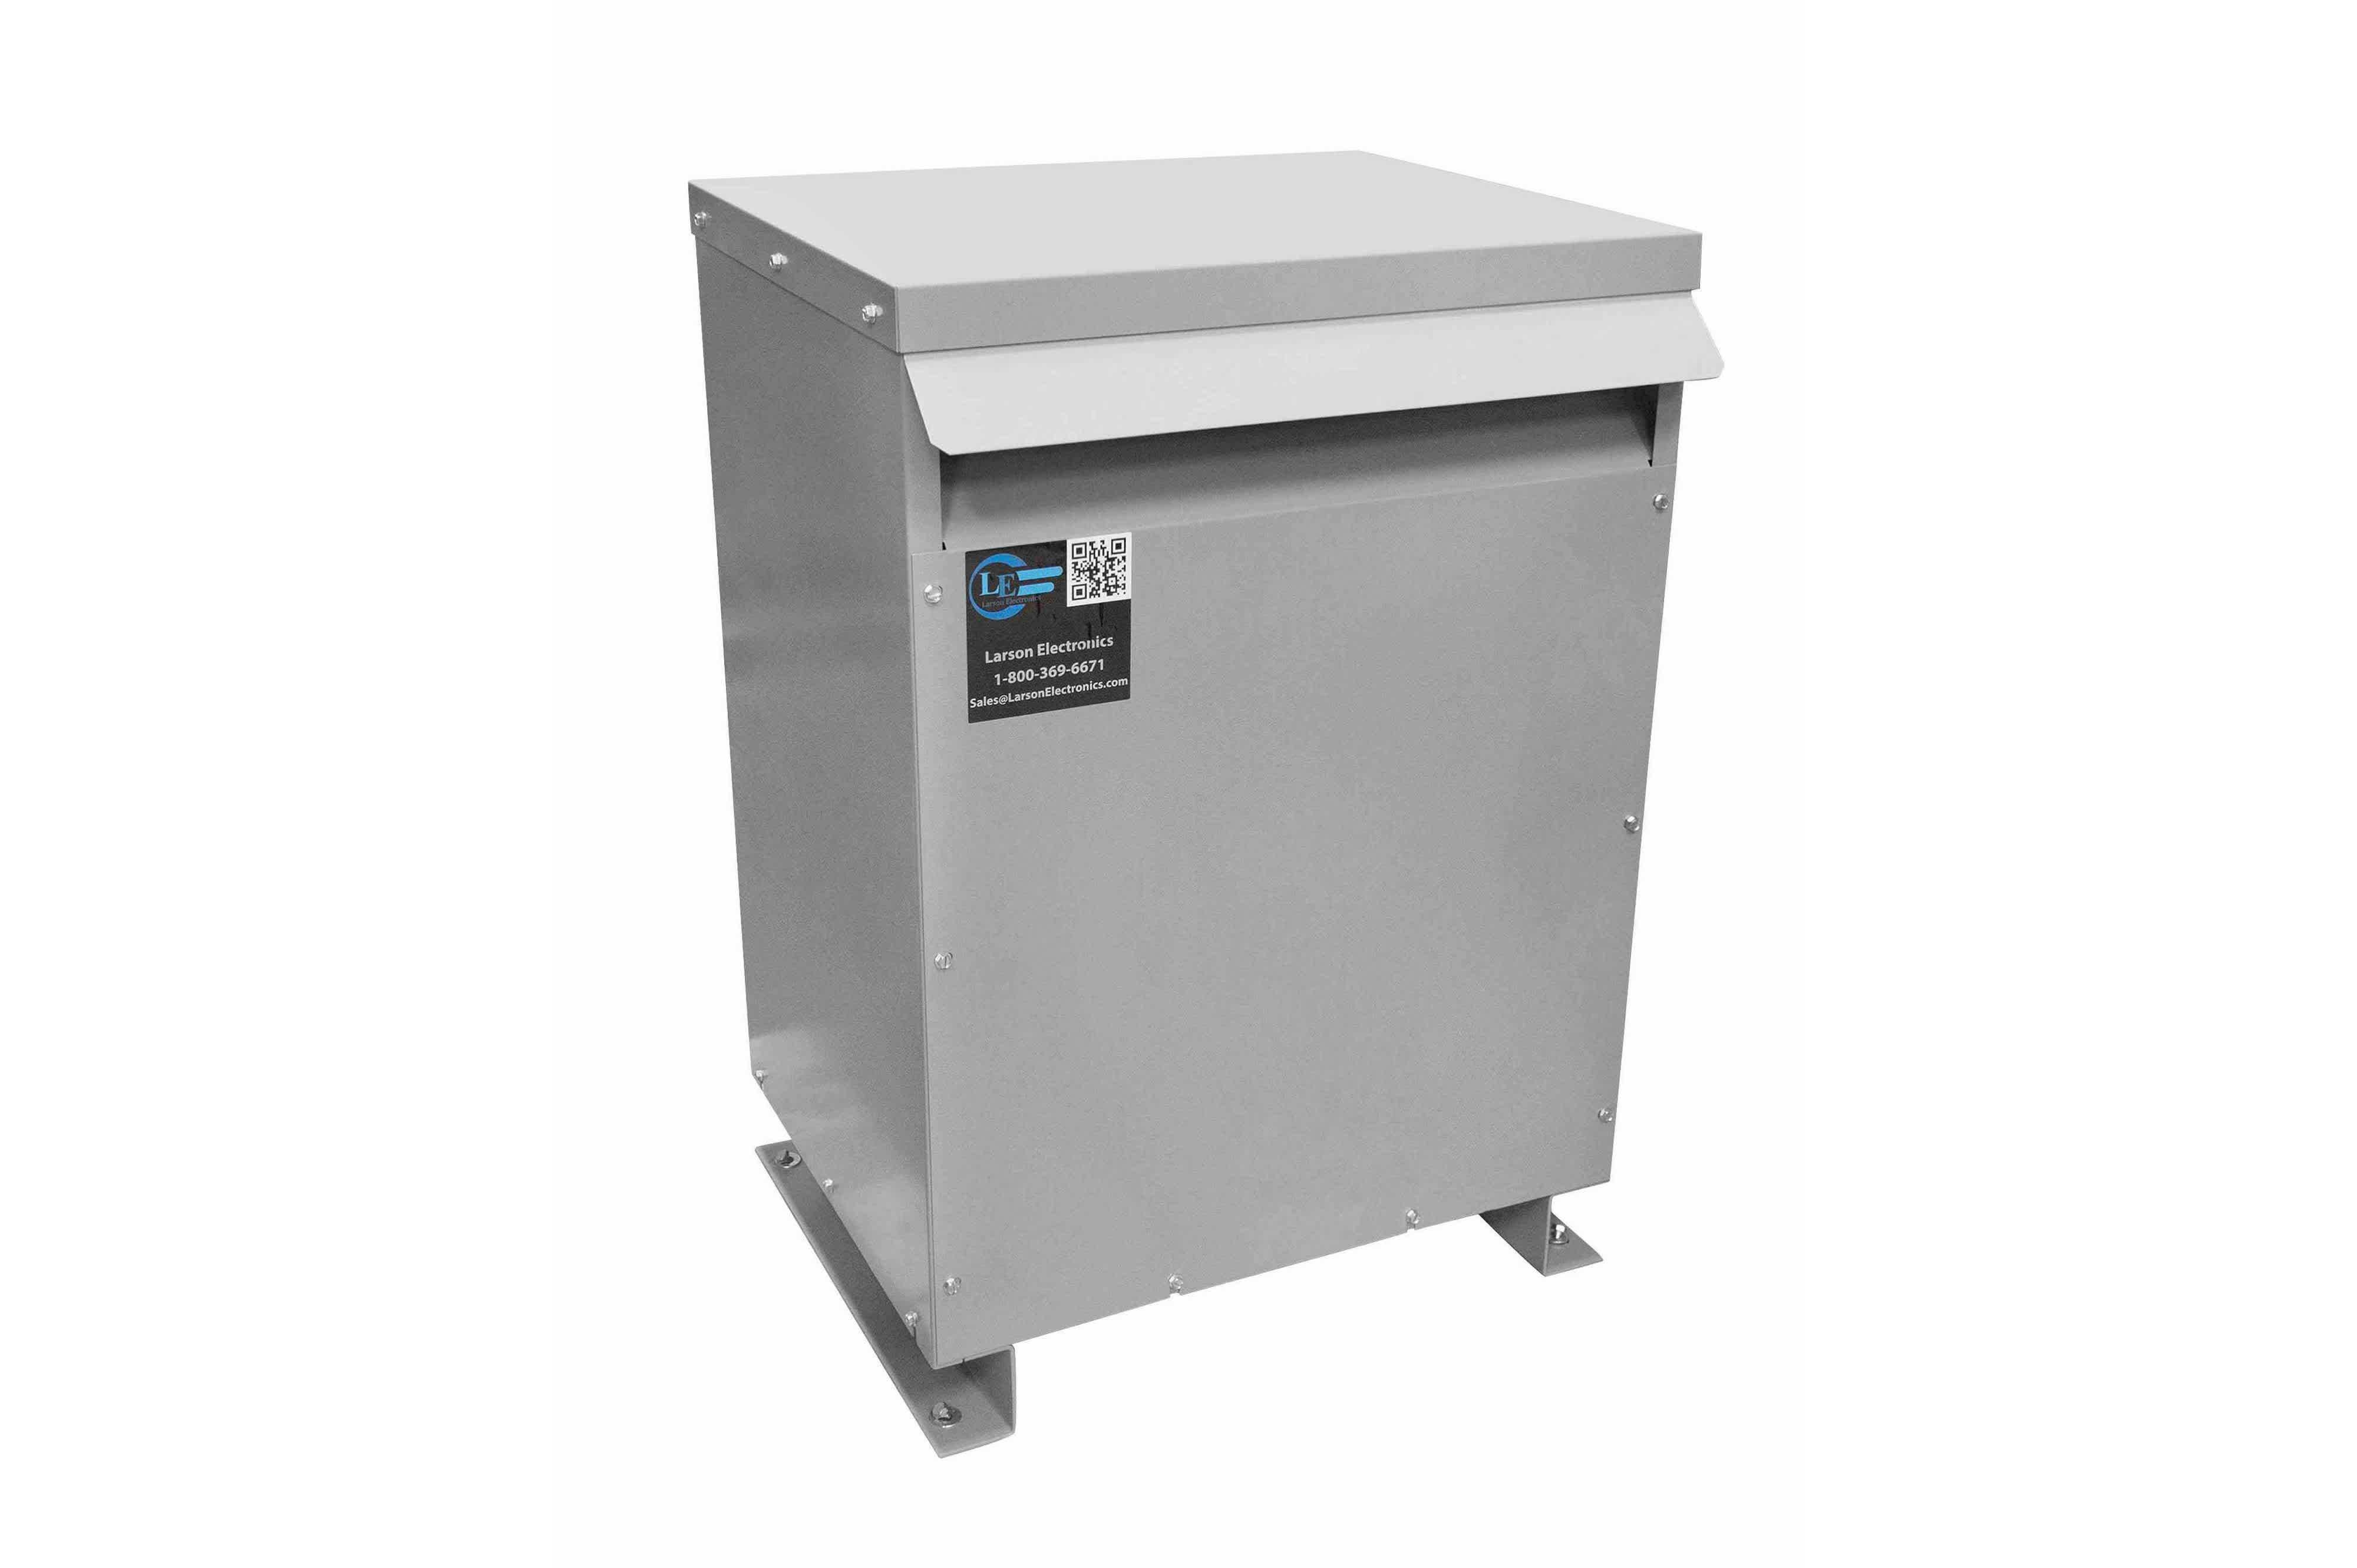 1000 kVA 3PH Isolation Transformer, 415V Delta Primary, 208V Delta Secondary, N3R, Ventilated, 60 Hz